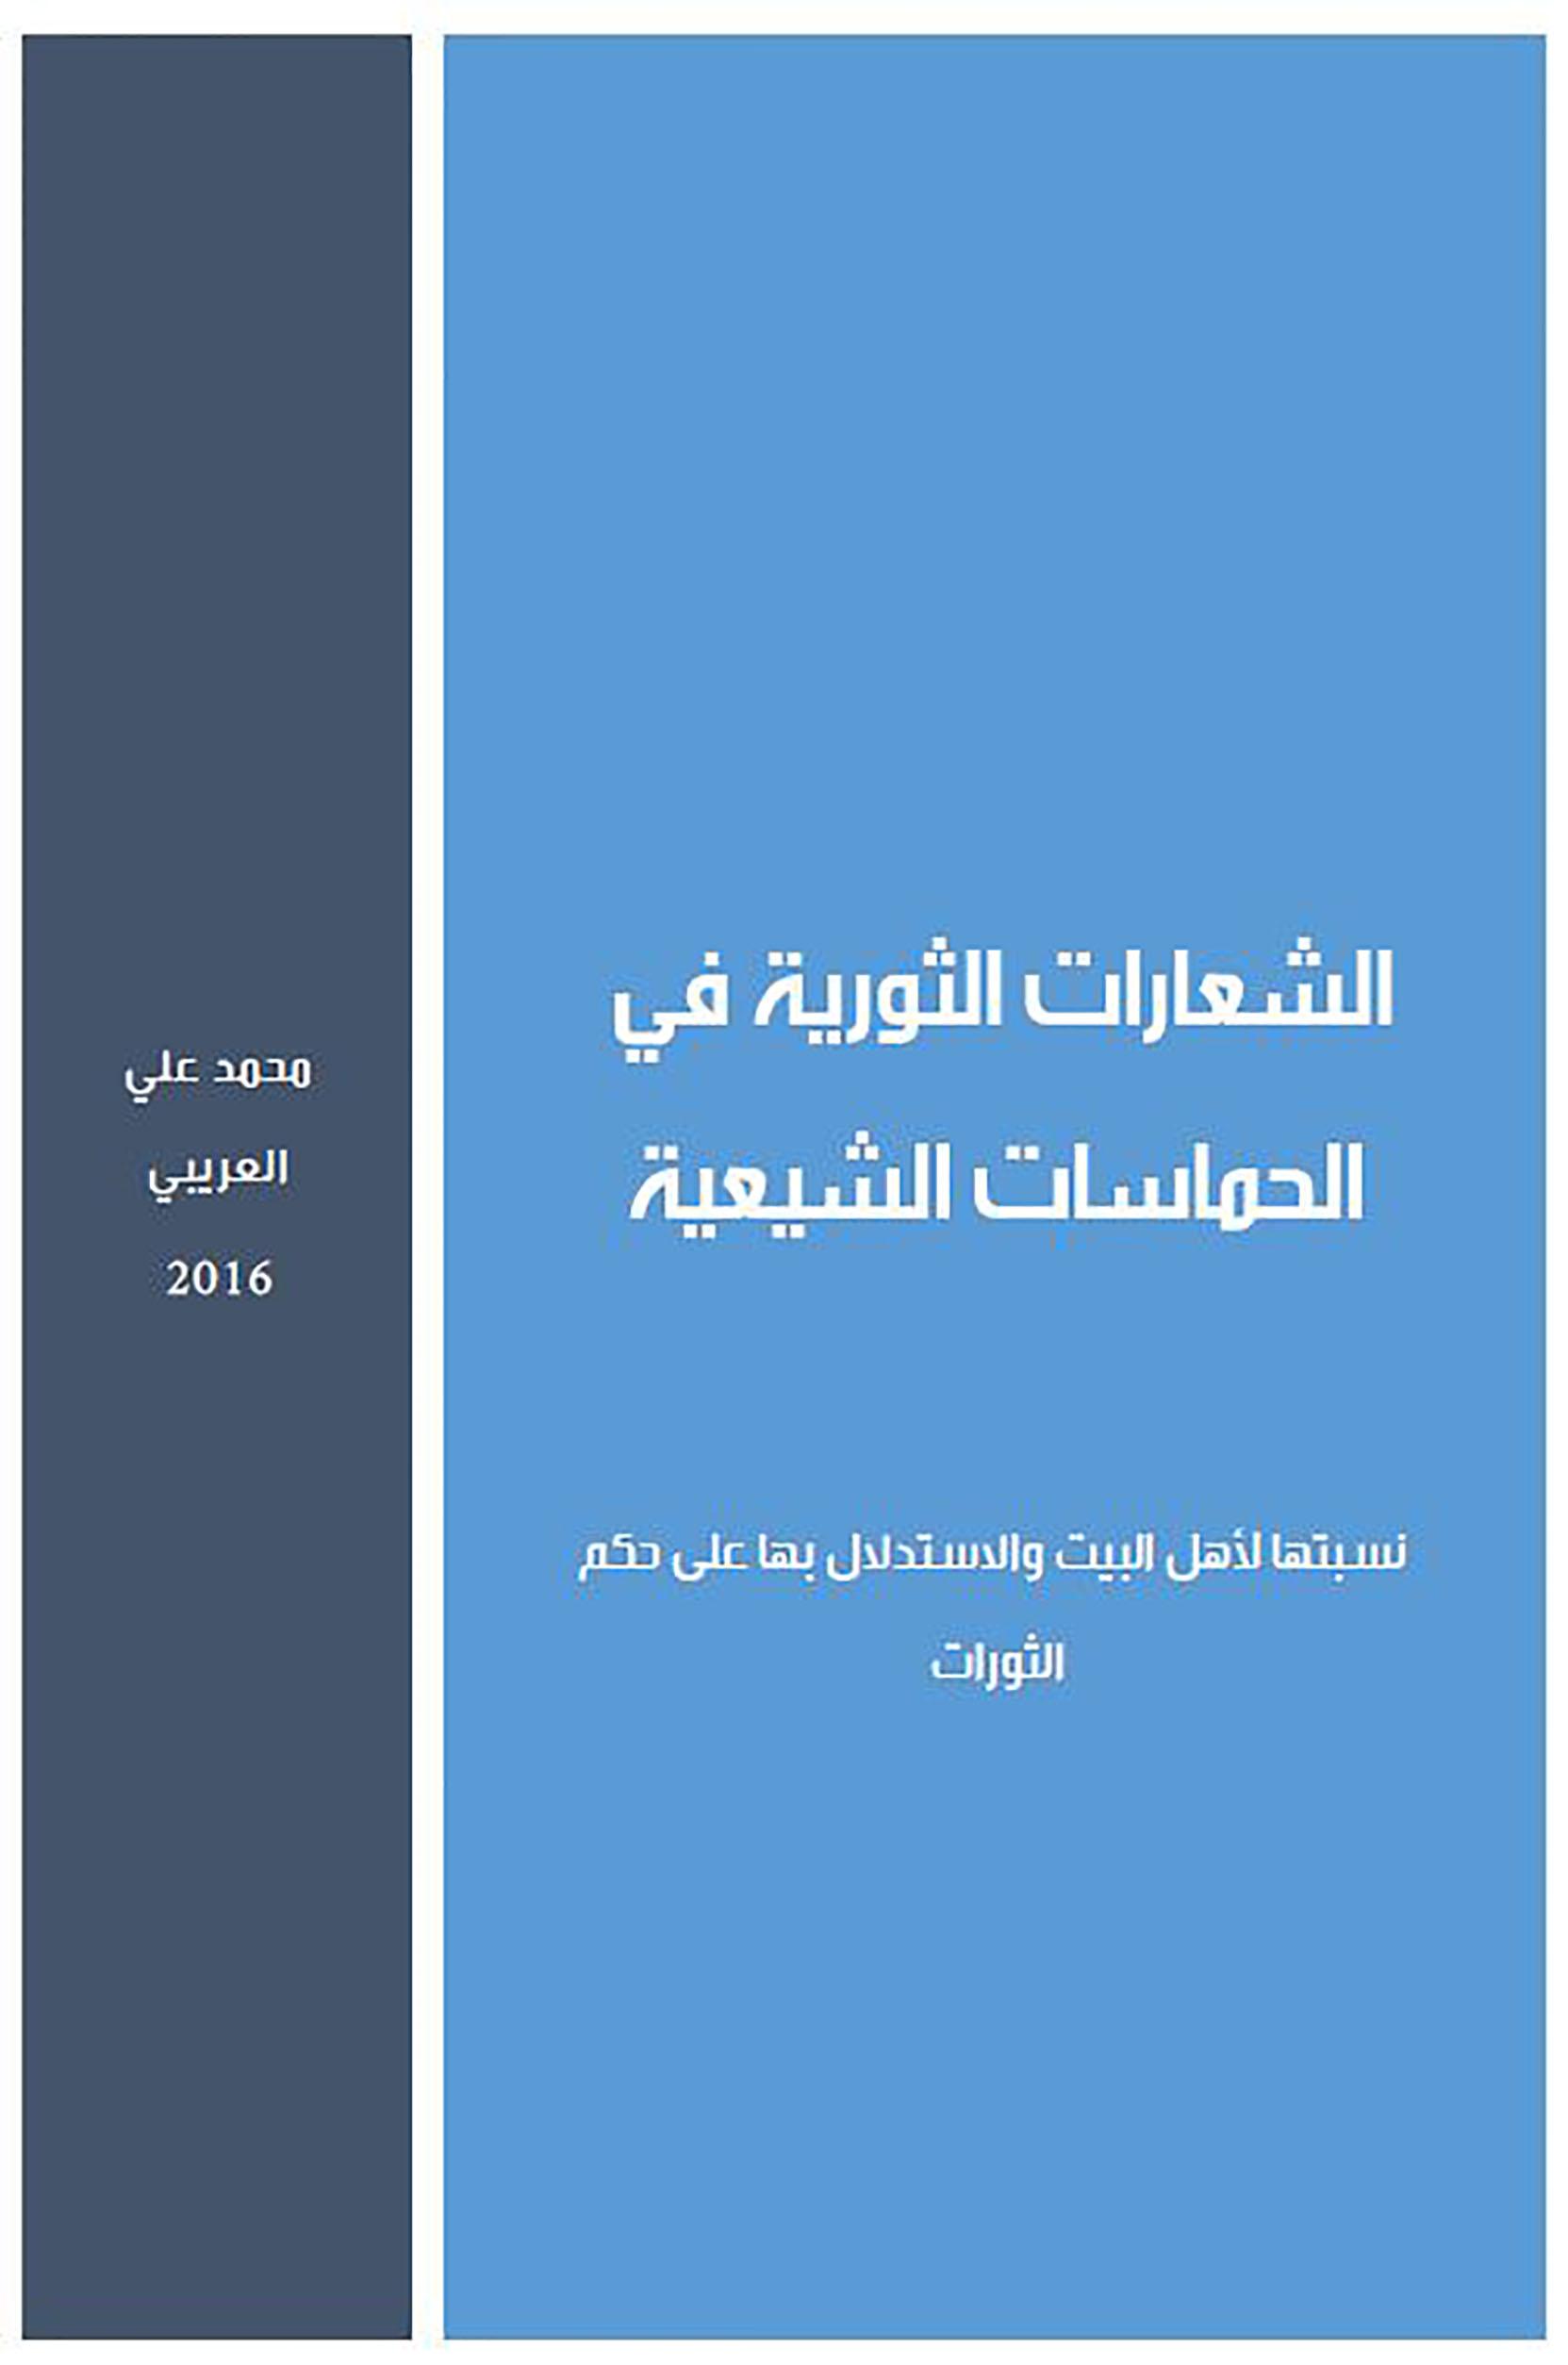 الاســـم:الشعارات الثورية في الحماسات الشيعية غلاف.JPG المشاهدات: 55 الحجـــم:153.8 كيلوبايت